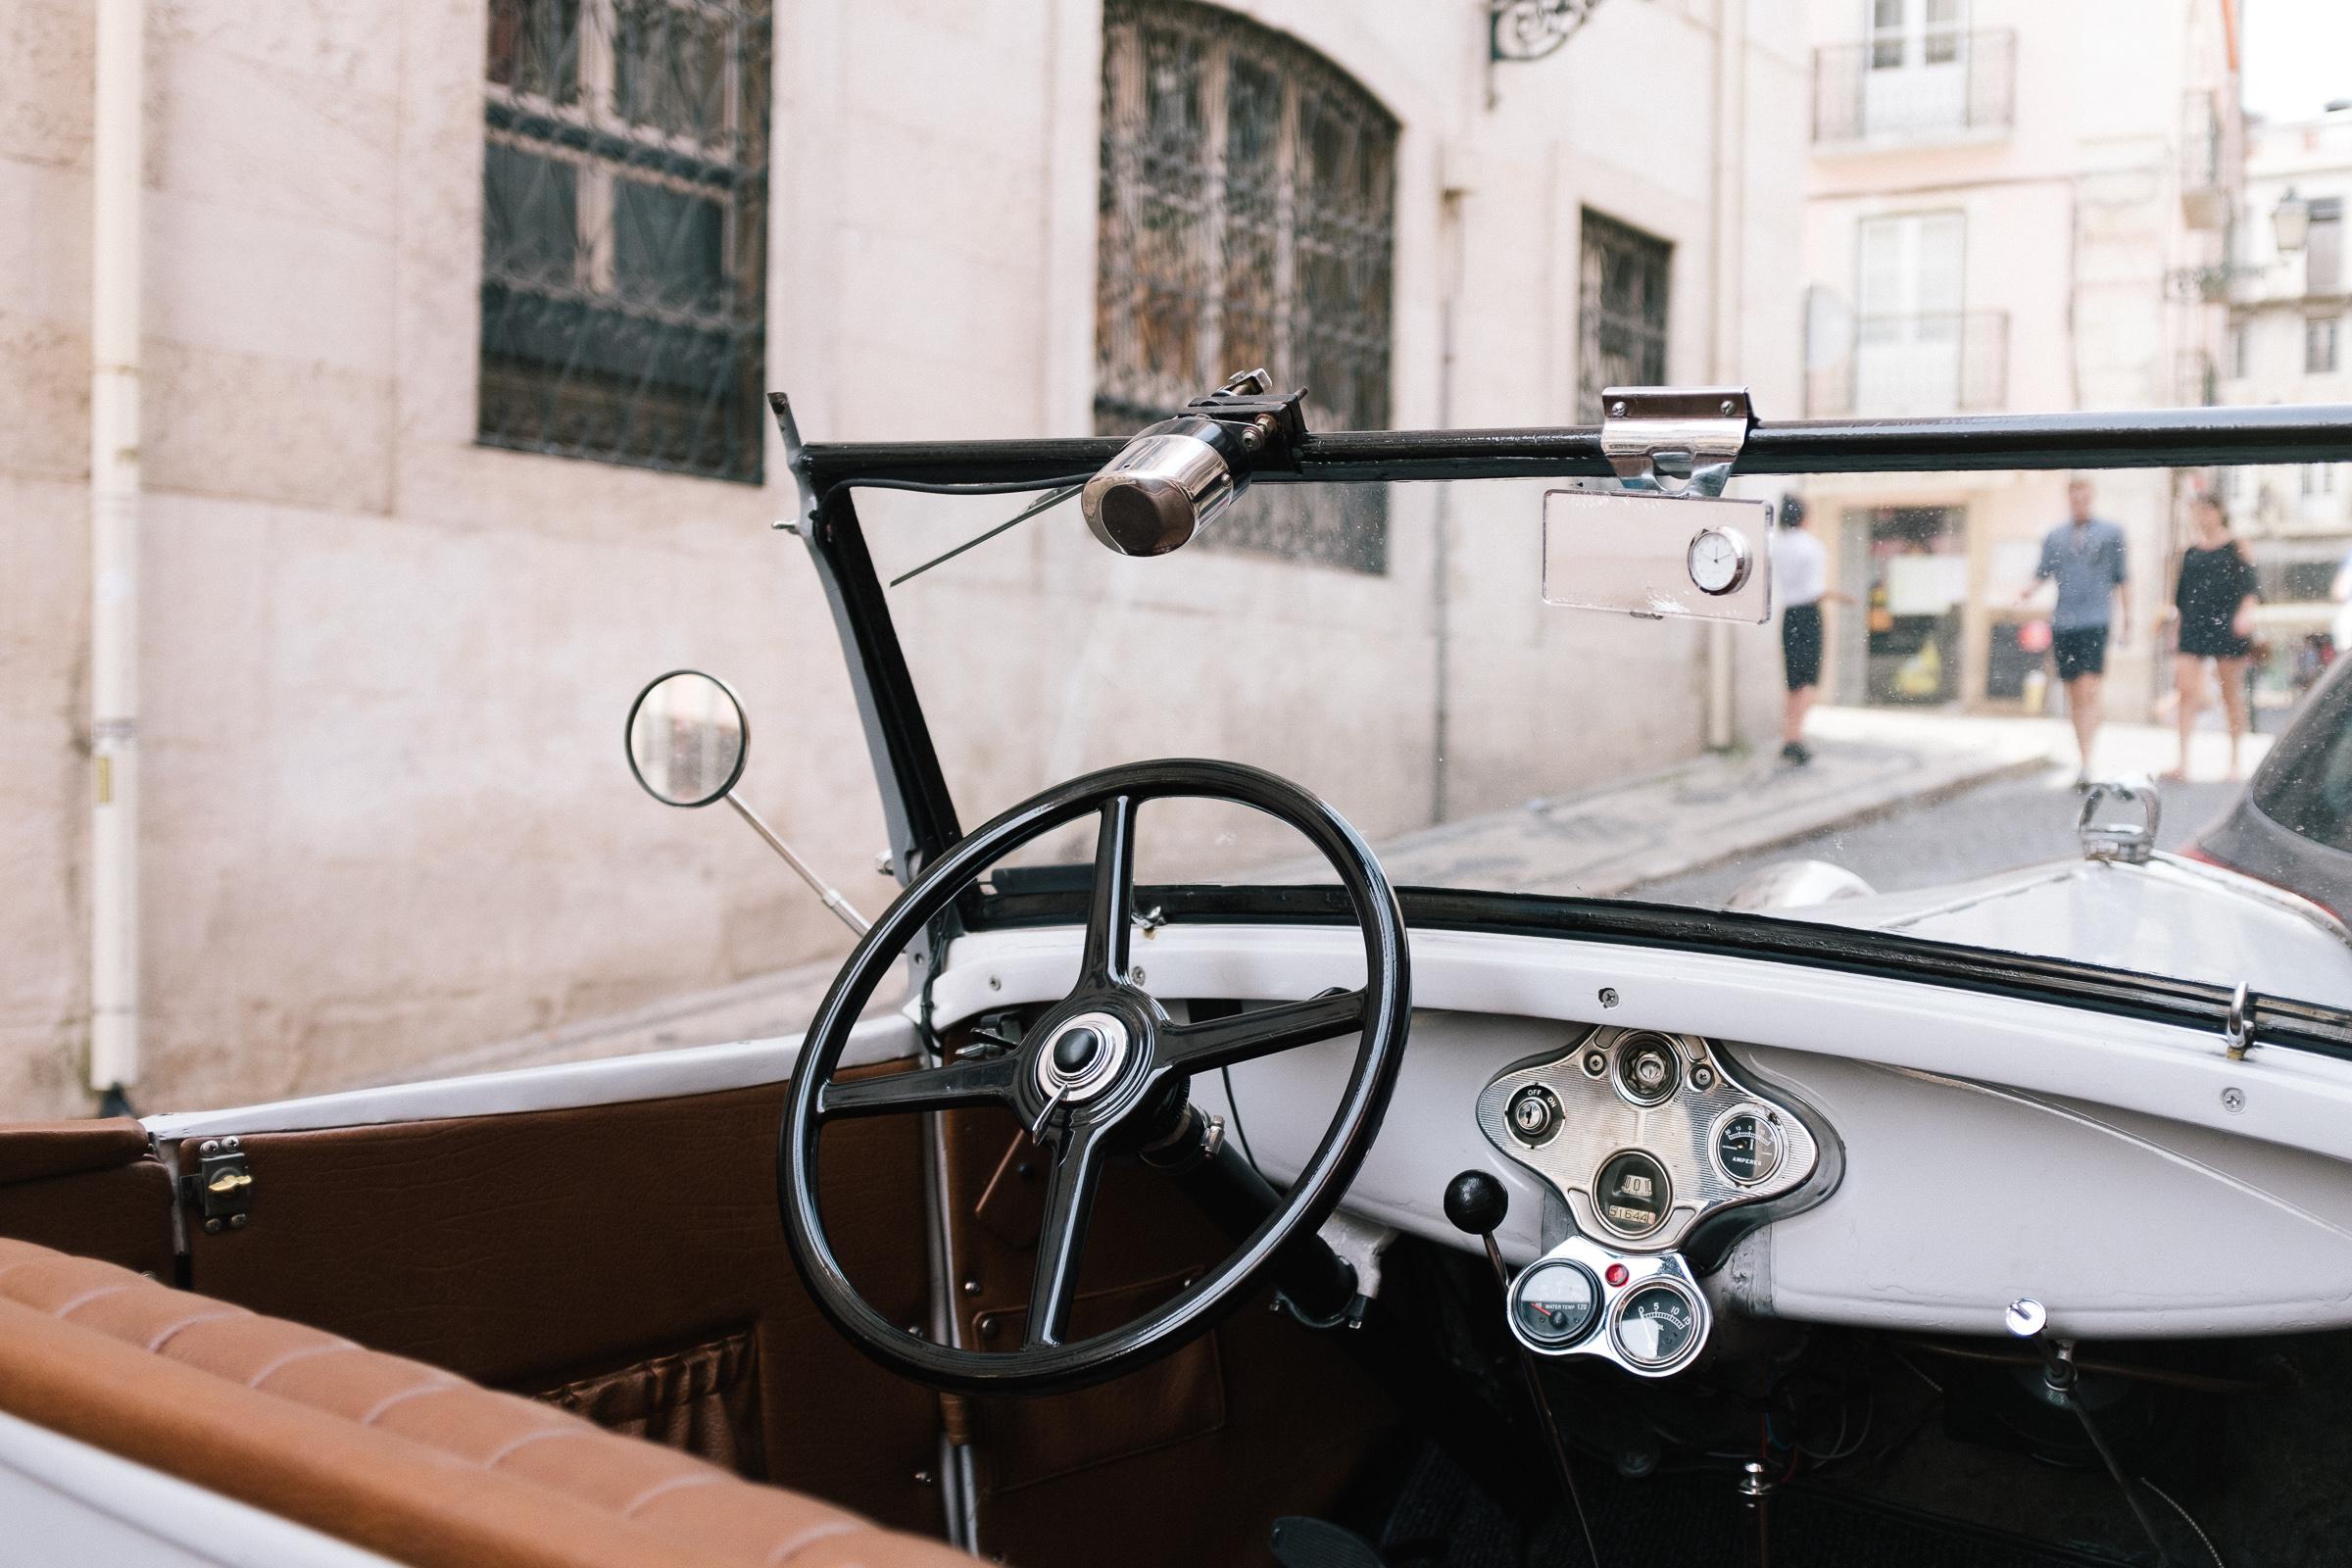 lisbon-old-car-7400.jpg